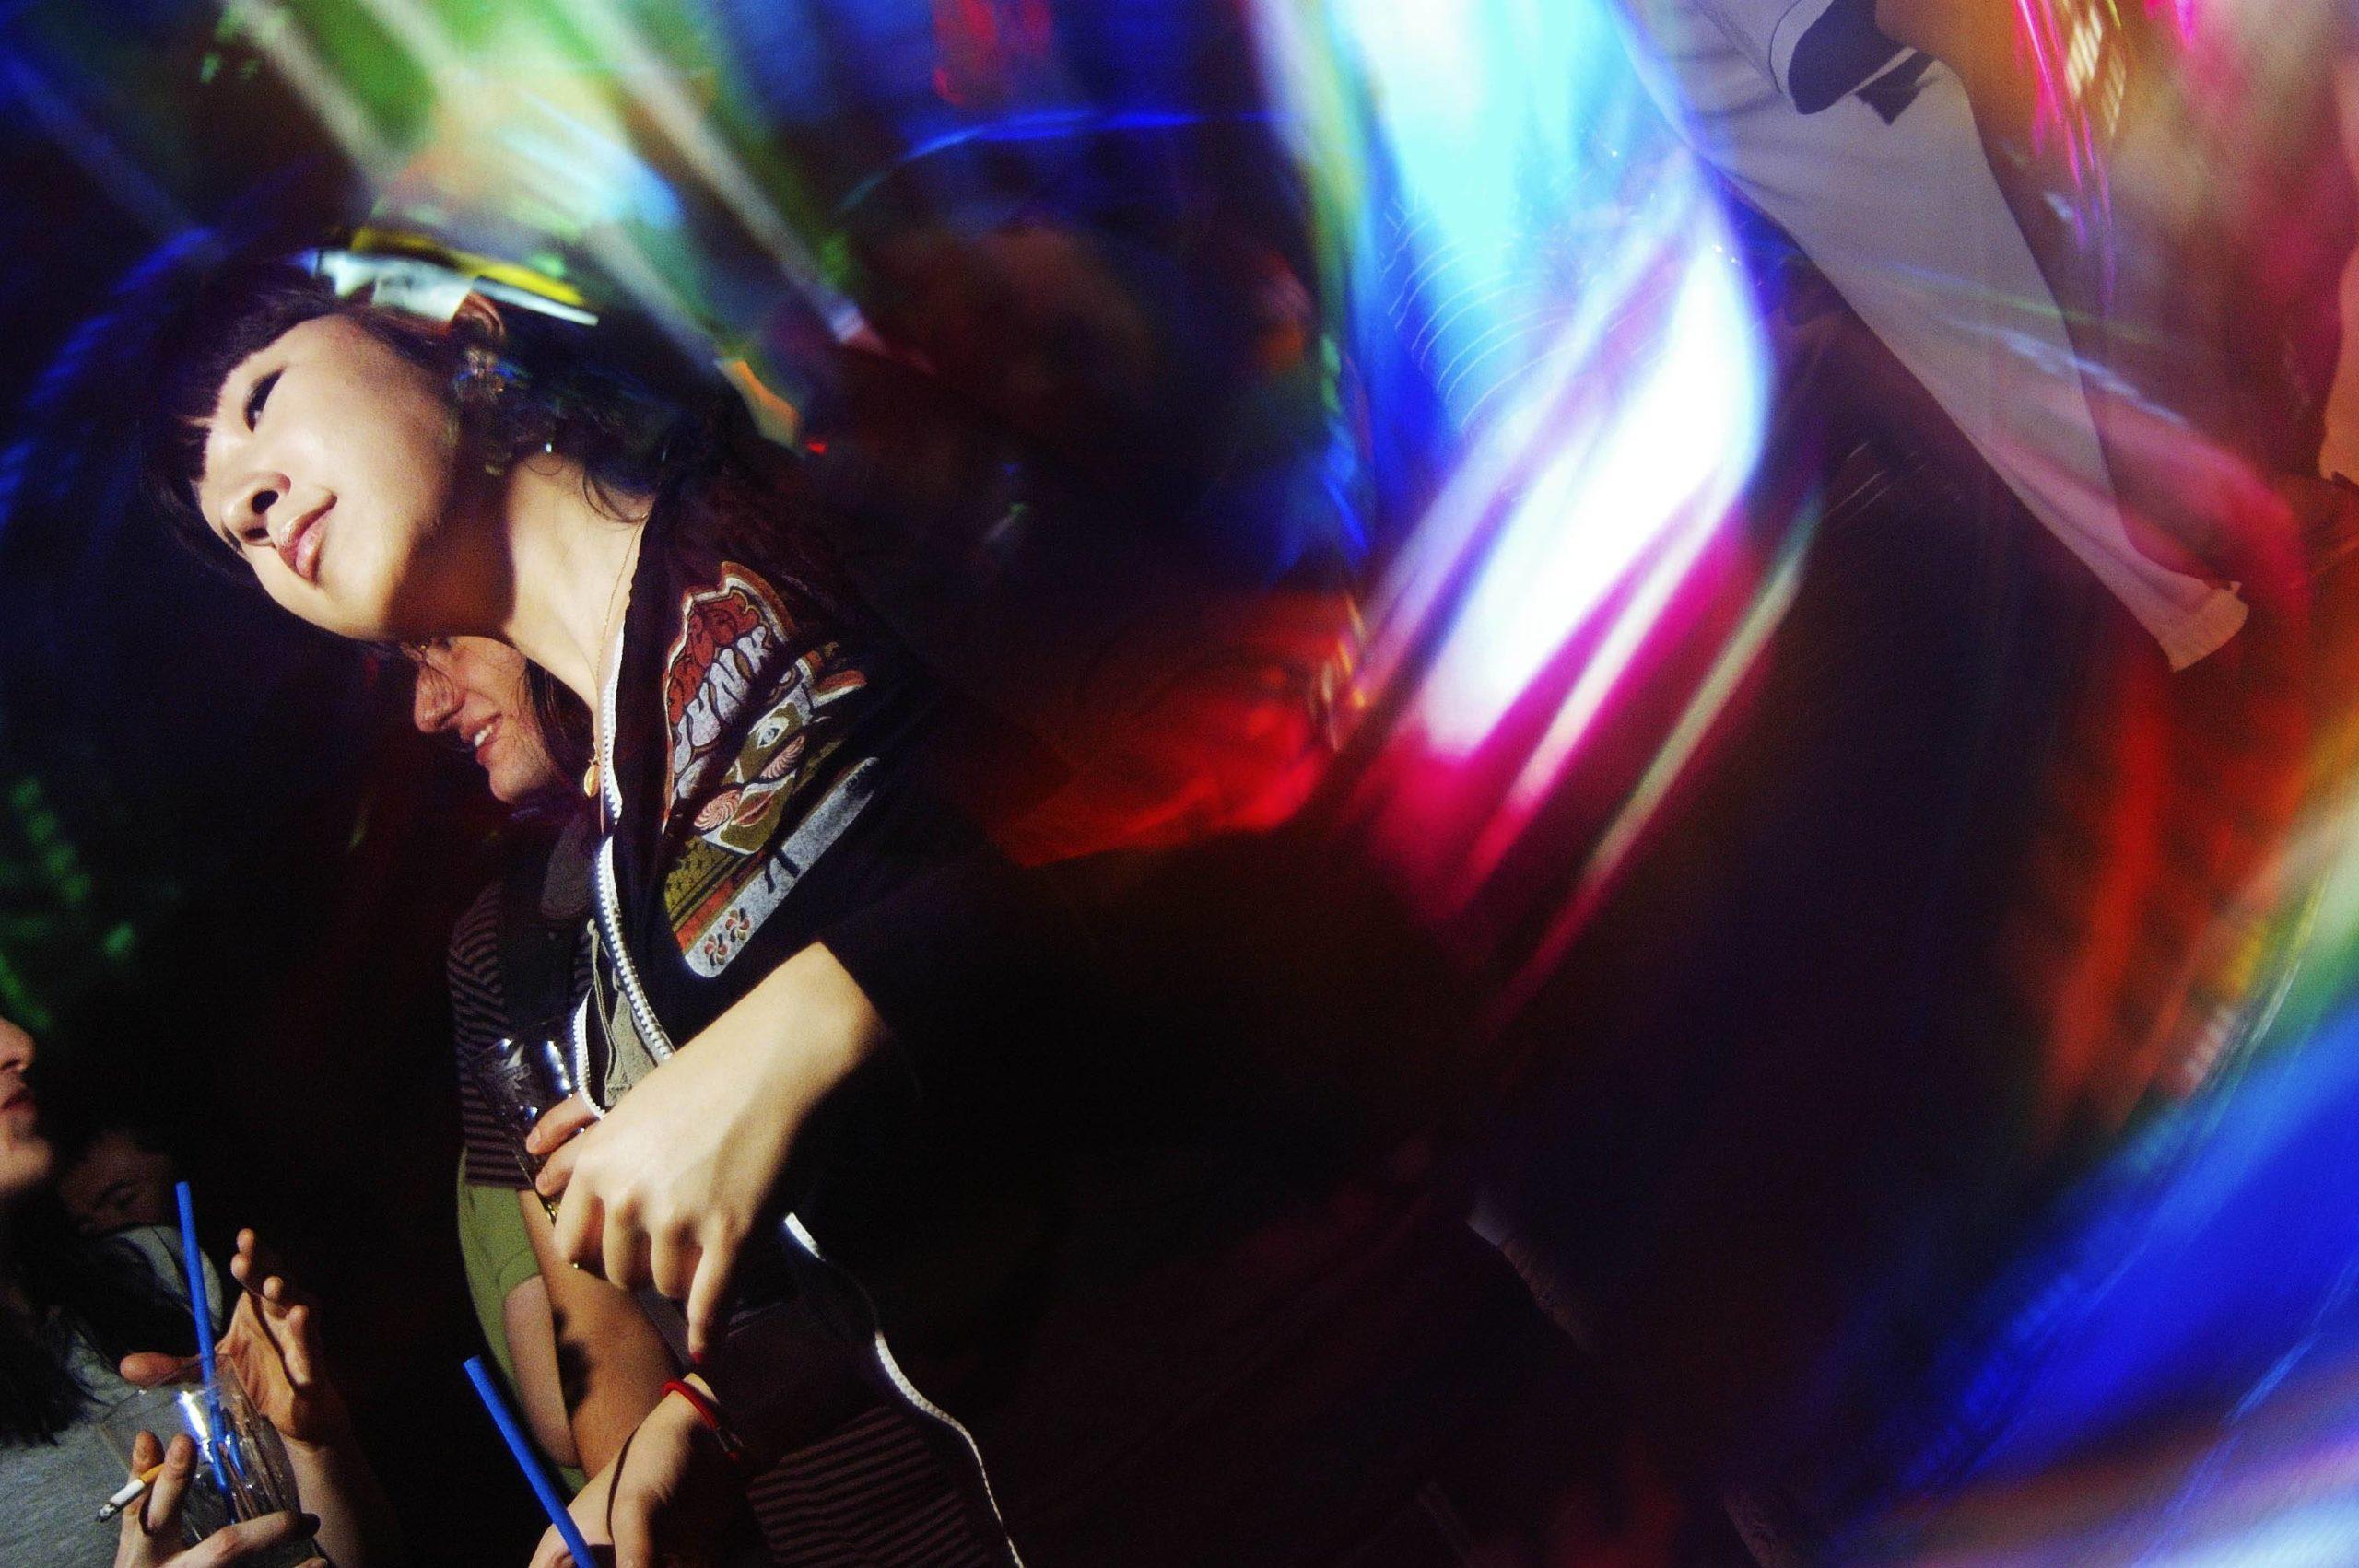 Bei Streams fehlt der Bass, das Licht, die Menschen. Raverinnen und Raver in Berlin leiden unter geschlossenen Clubs. Foto: Imago Images/David Heerde